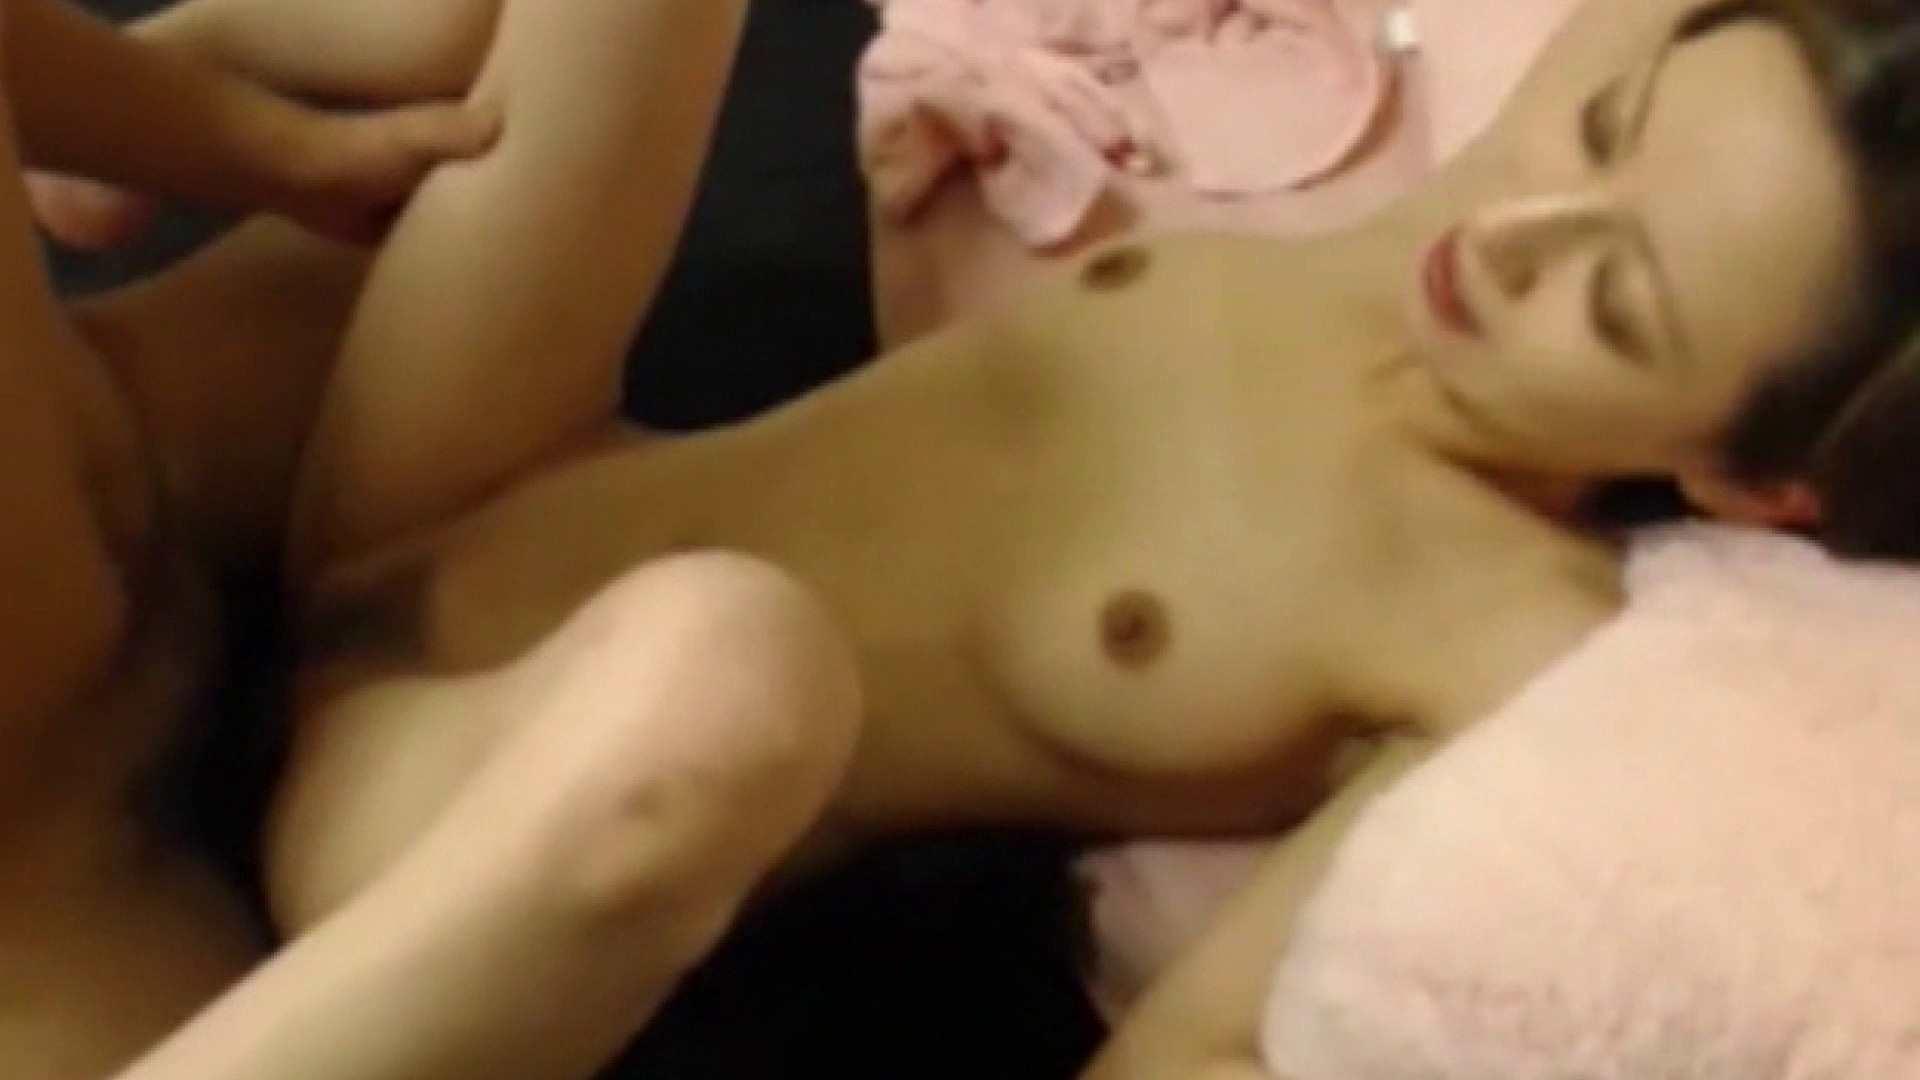 おしえてギャル子のH塾 Vol.01 後編 OL裸体 | ドキュメント  71画像 52